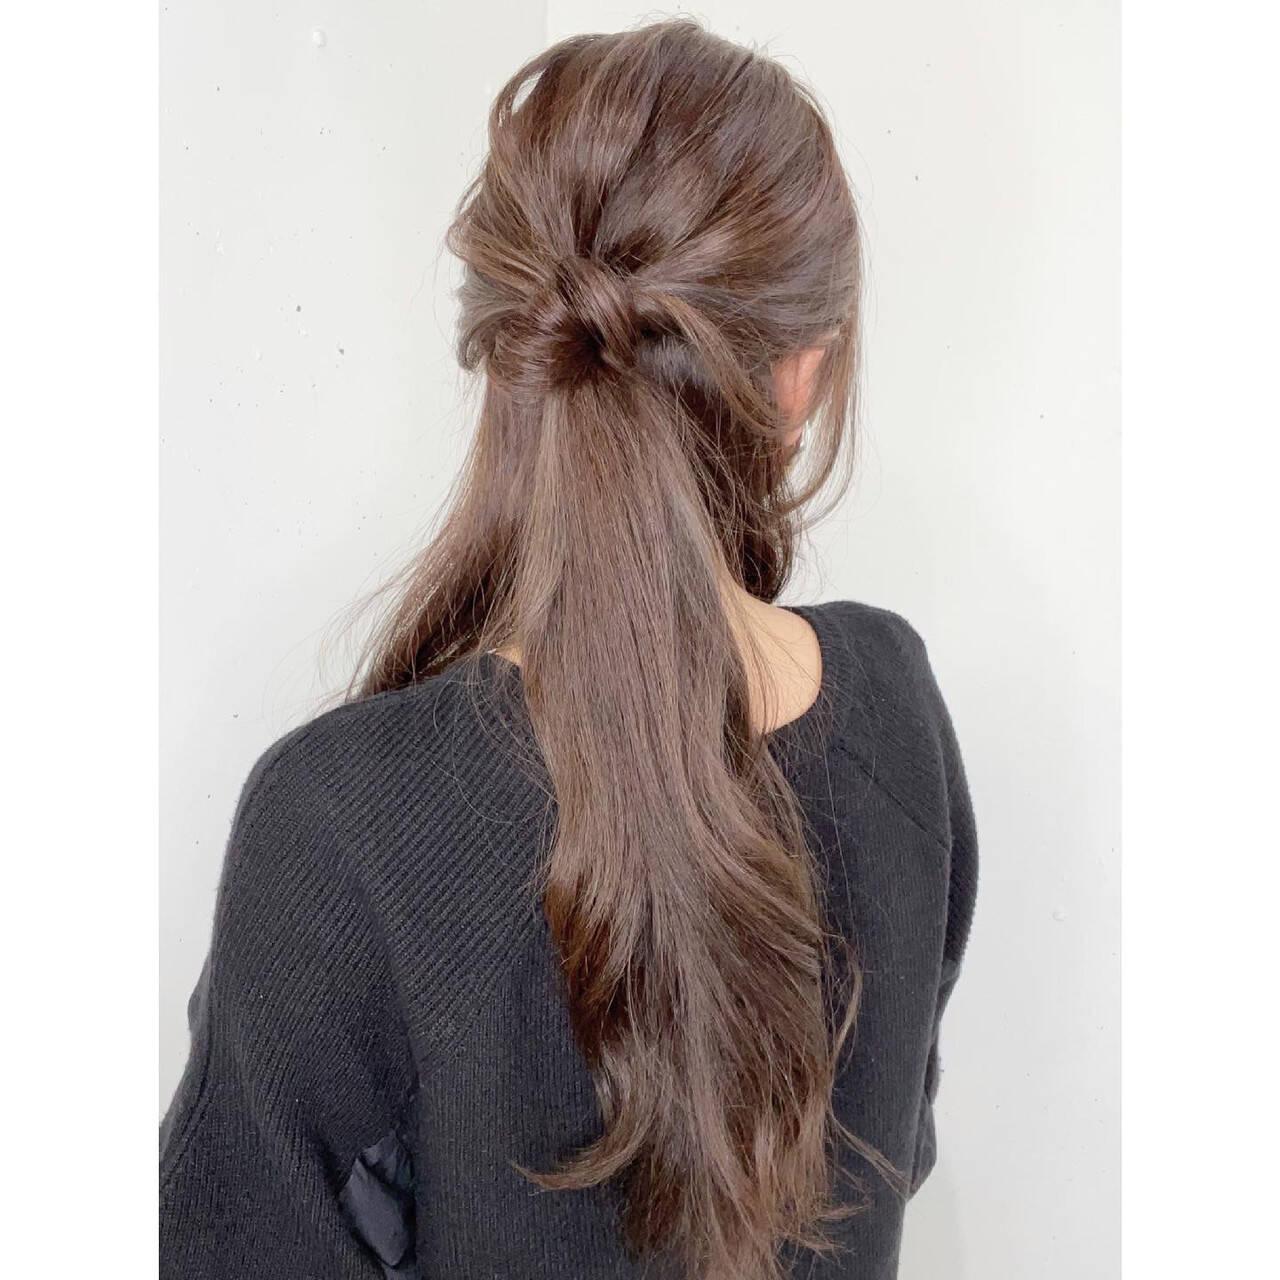 ナチュラル 簡単ヘアアレンジ セルフアレンジ ロングヘアスタイルや髪型の写真・画像